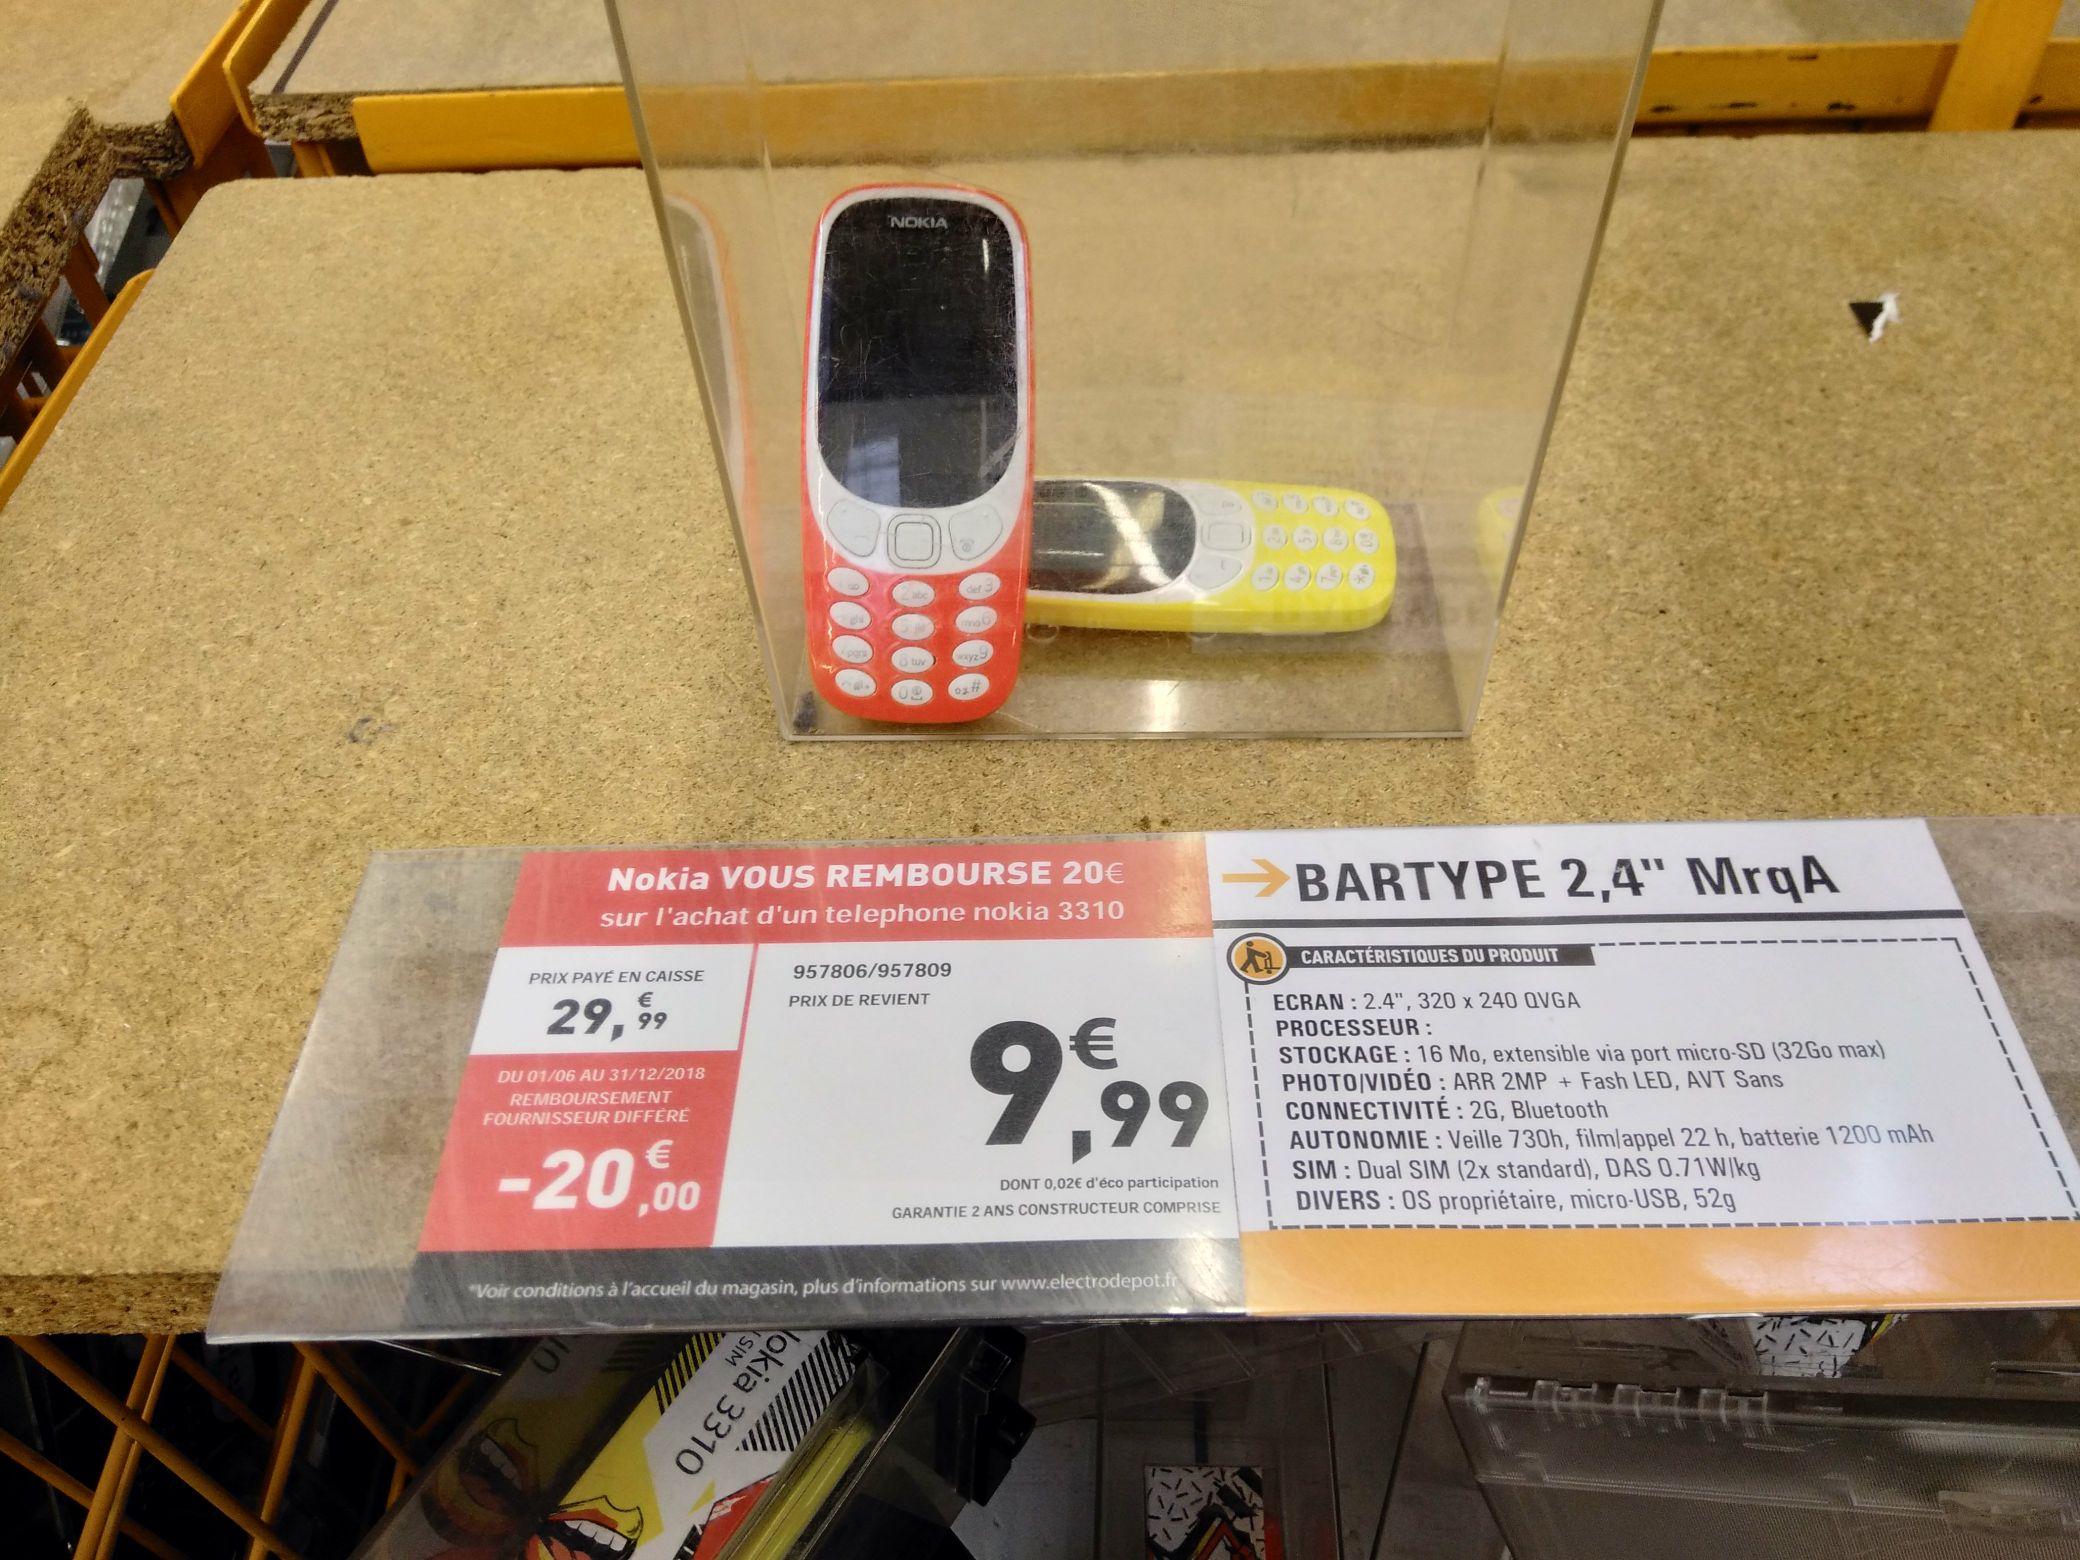 Téléphone Portable Nokia 3310 (via ODR de 20€) - Rivesaltes (66)